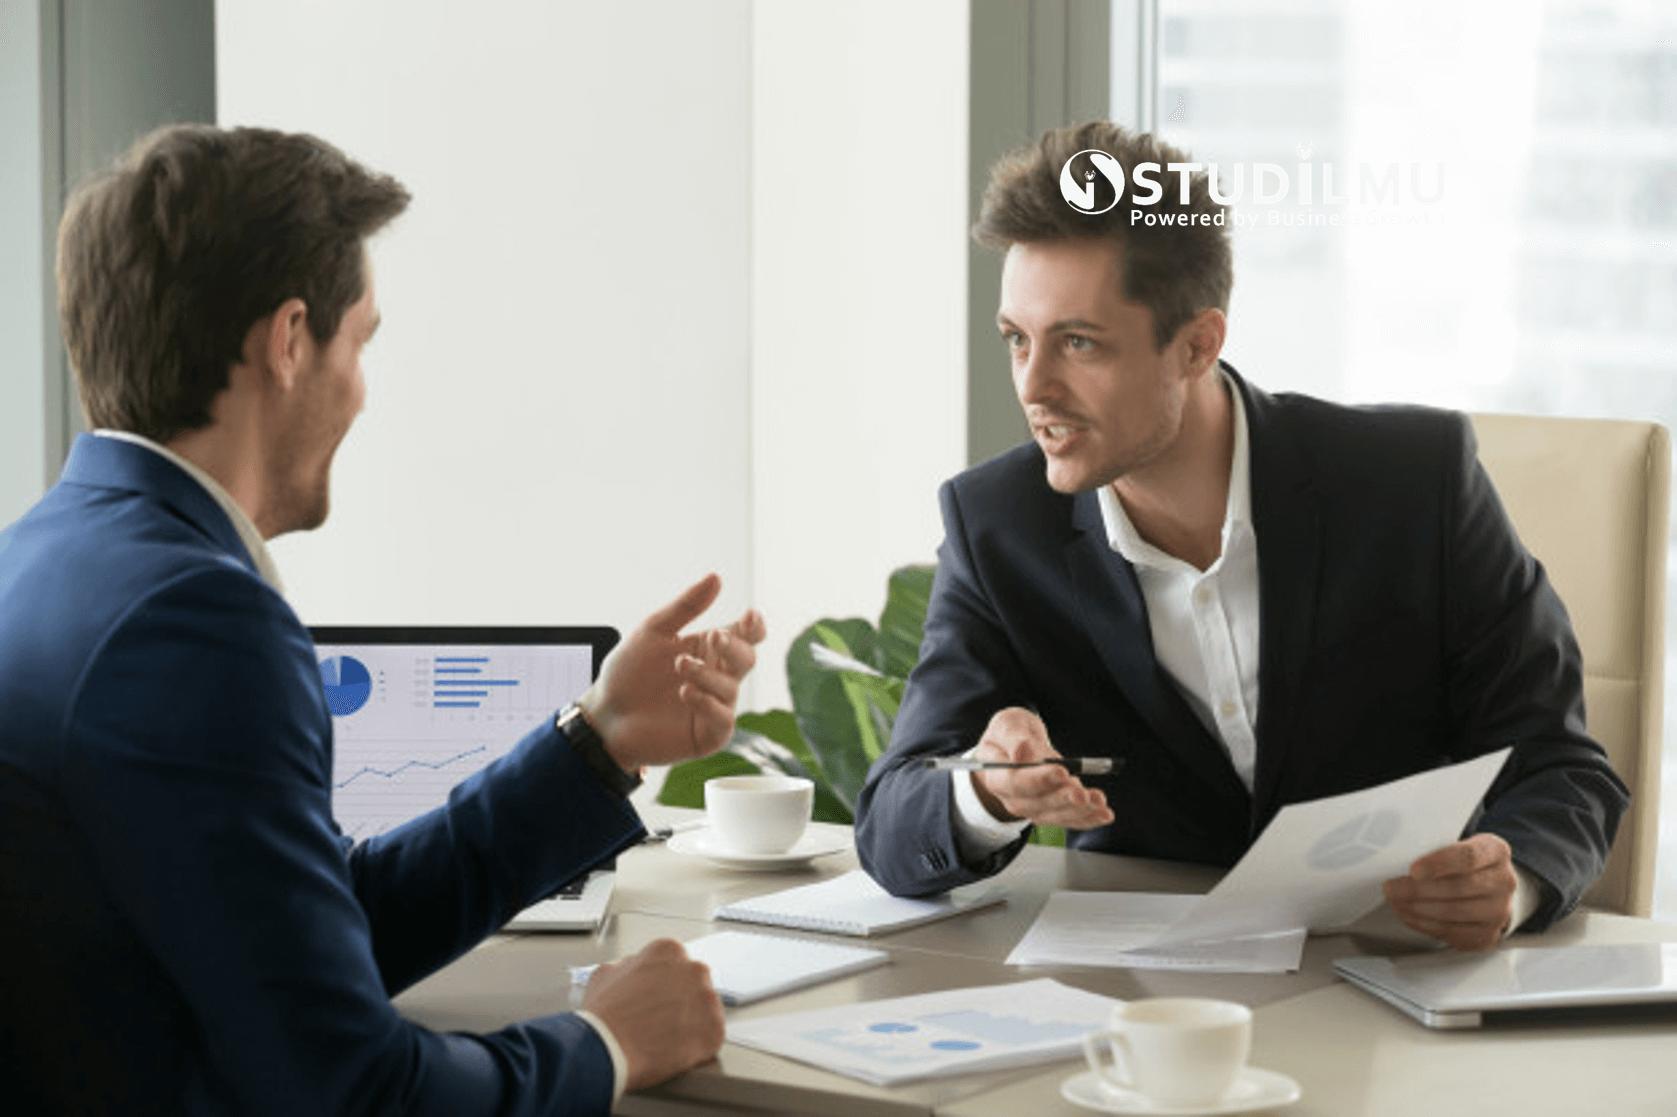 STUDILMU Career Advice - Negosiasi Bisnis yang Tepat dengan Orang Narsis